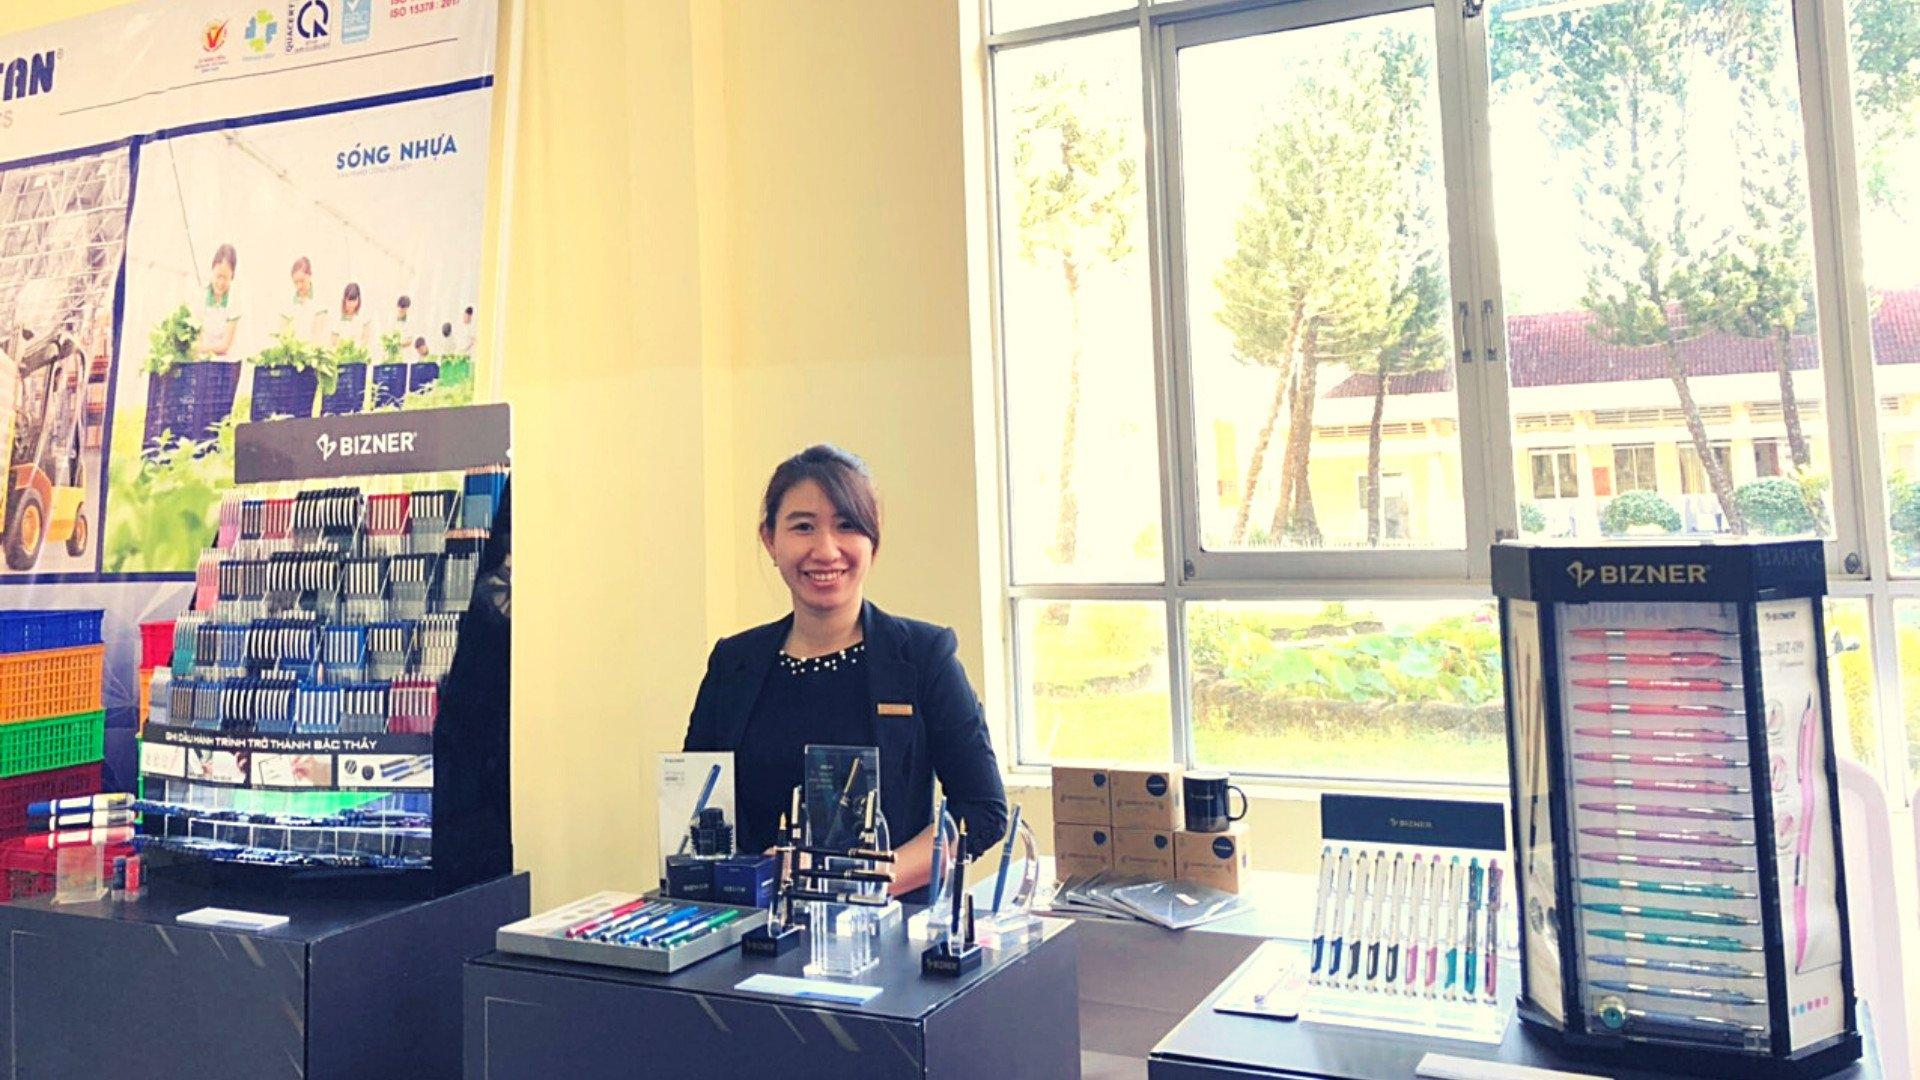 BIZNER giới thiệu nhiều sản phẩm mới, nổi bật tại diễn đàn Mekong Connect 2020